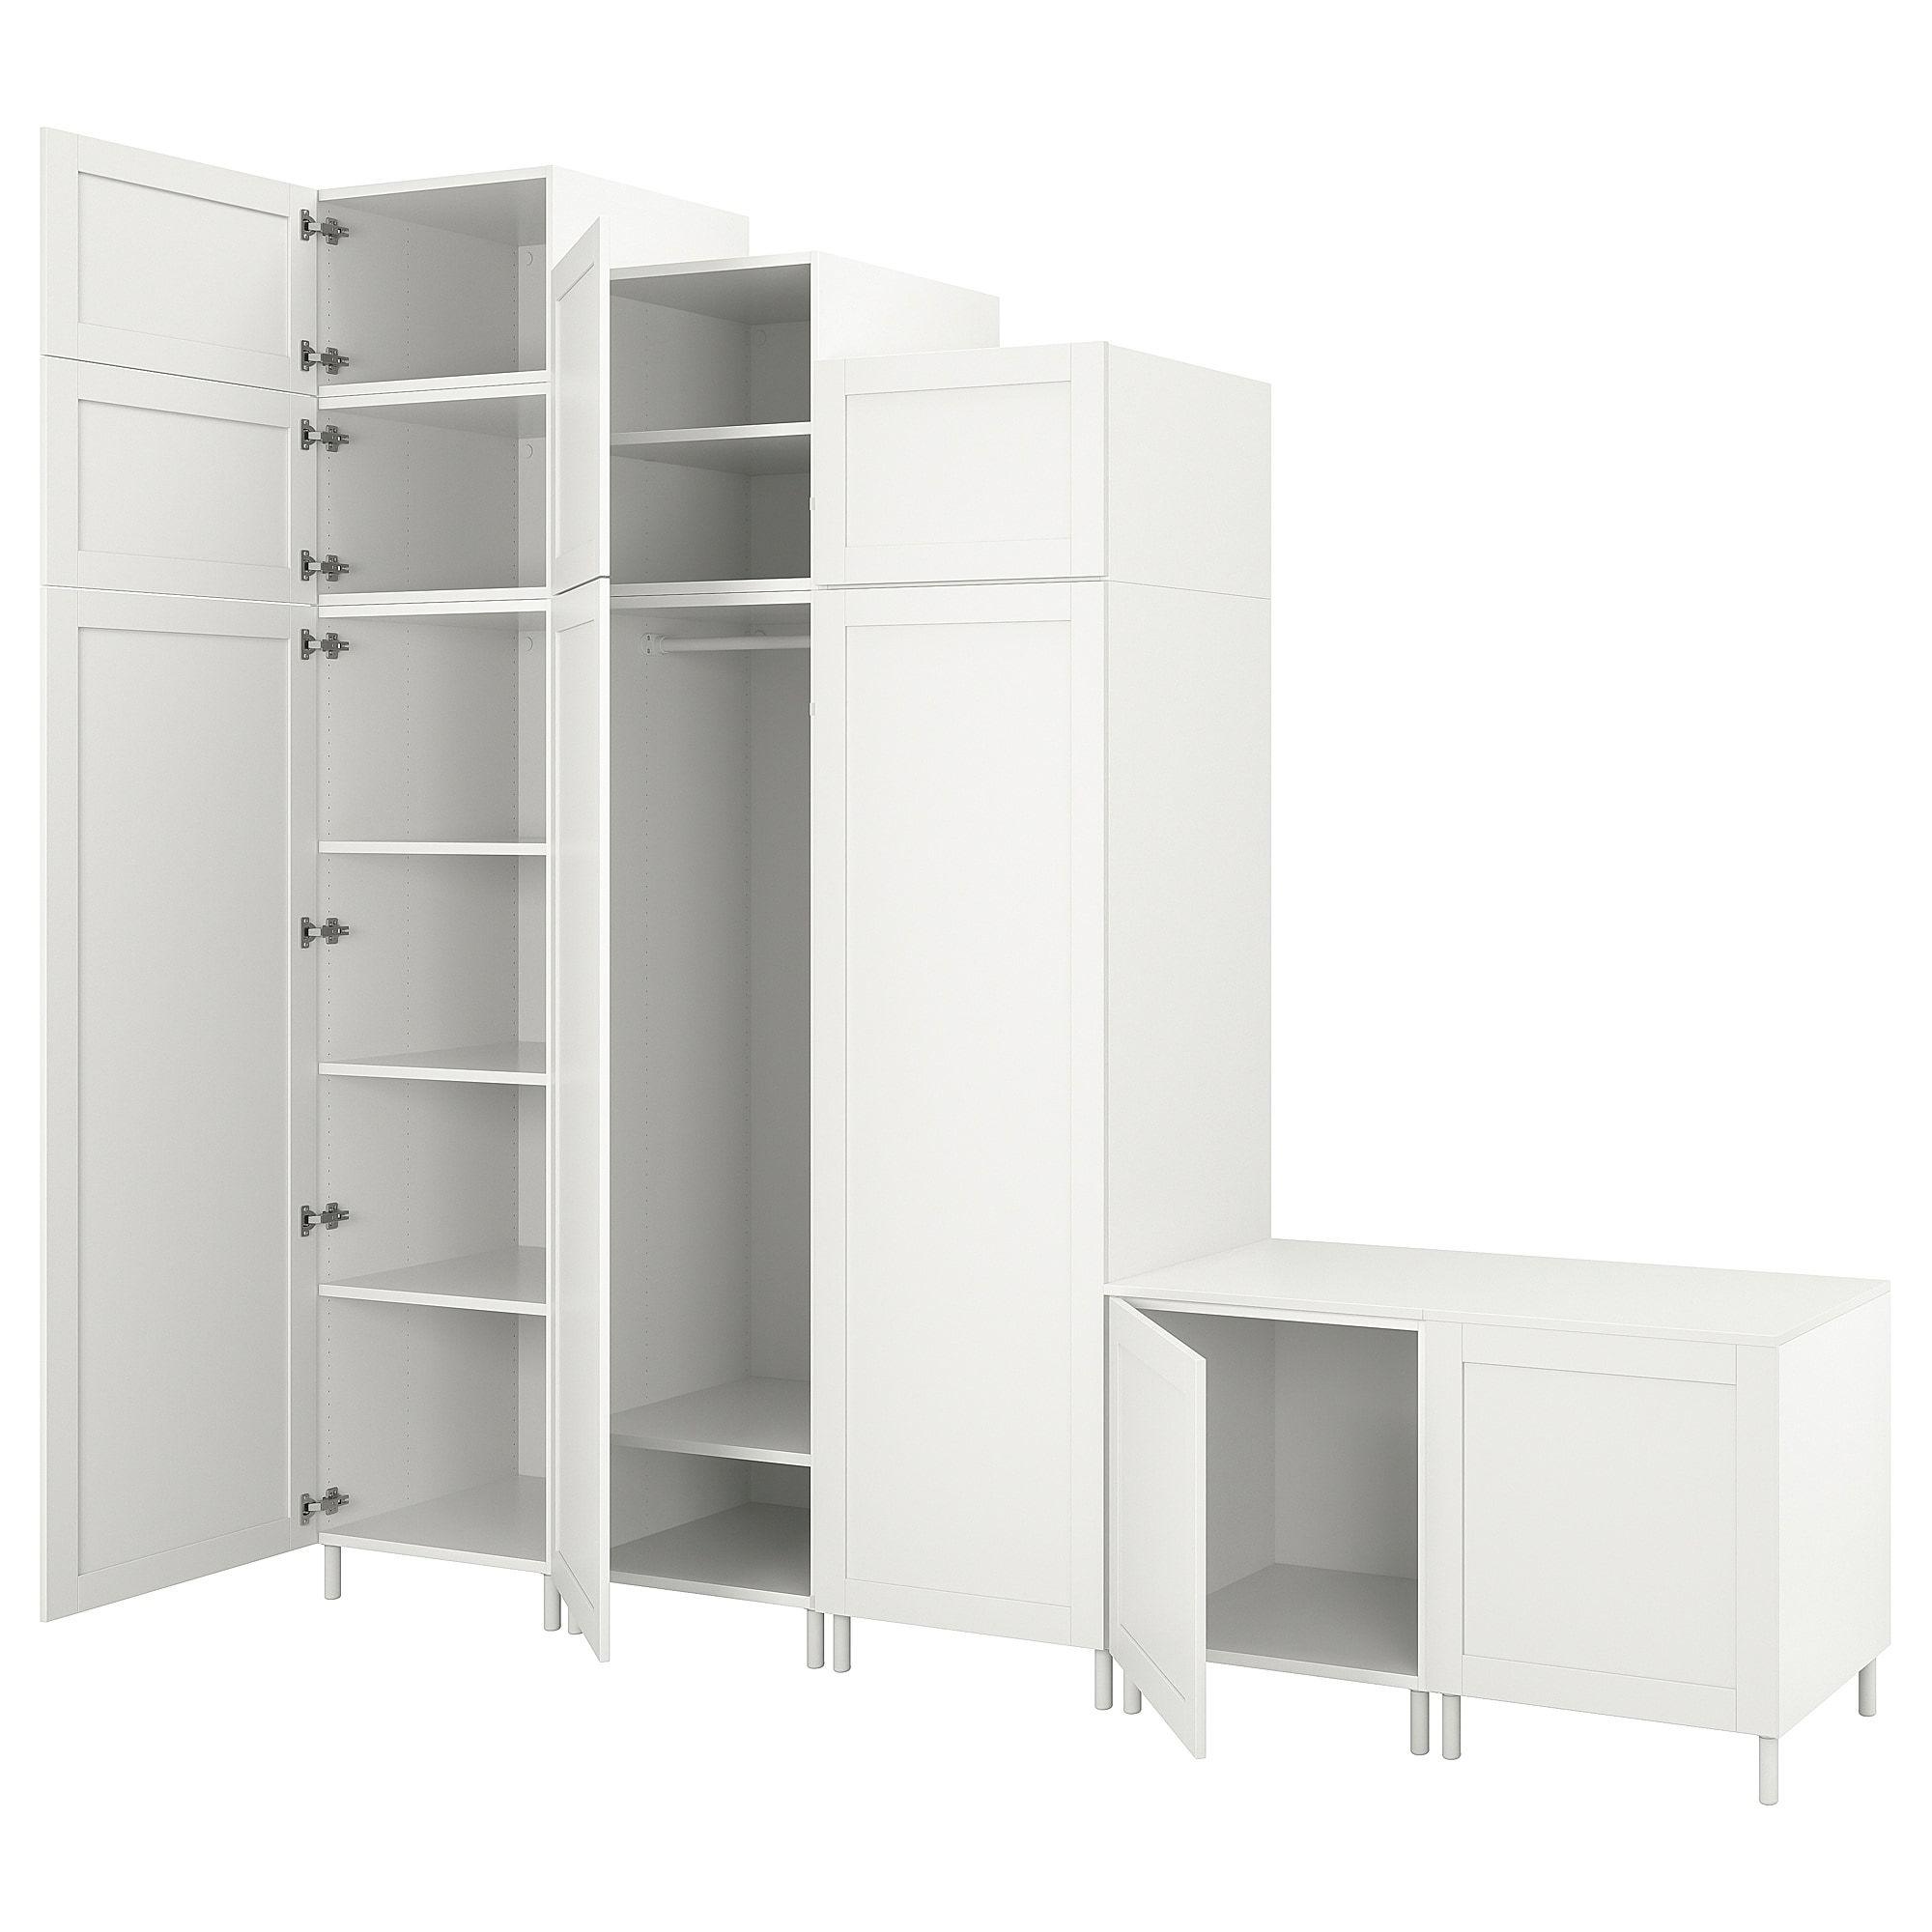 Platsa Kleiderschrank Mit 9 Turen Weiss Sannidal Weiss Ikea